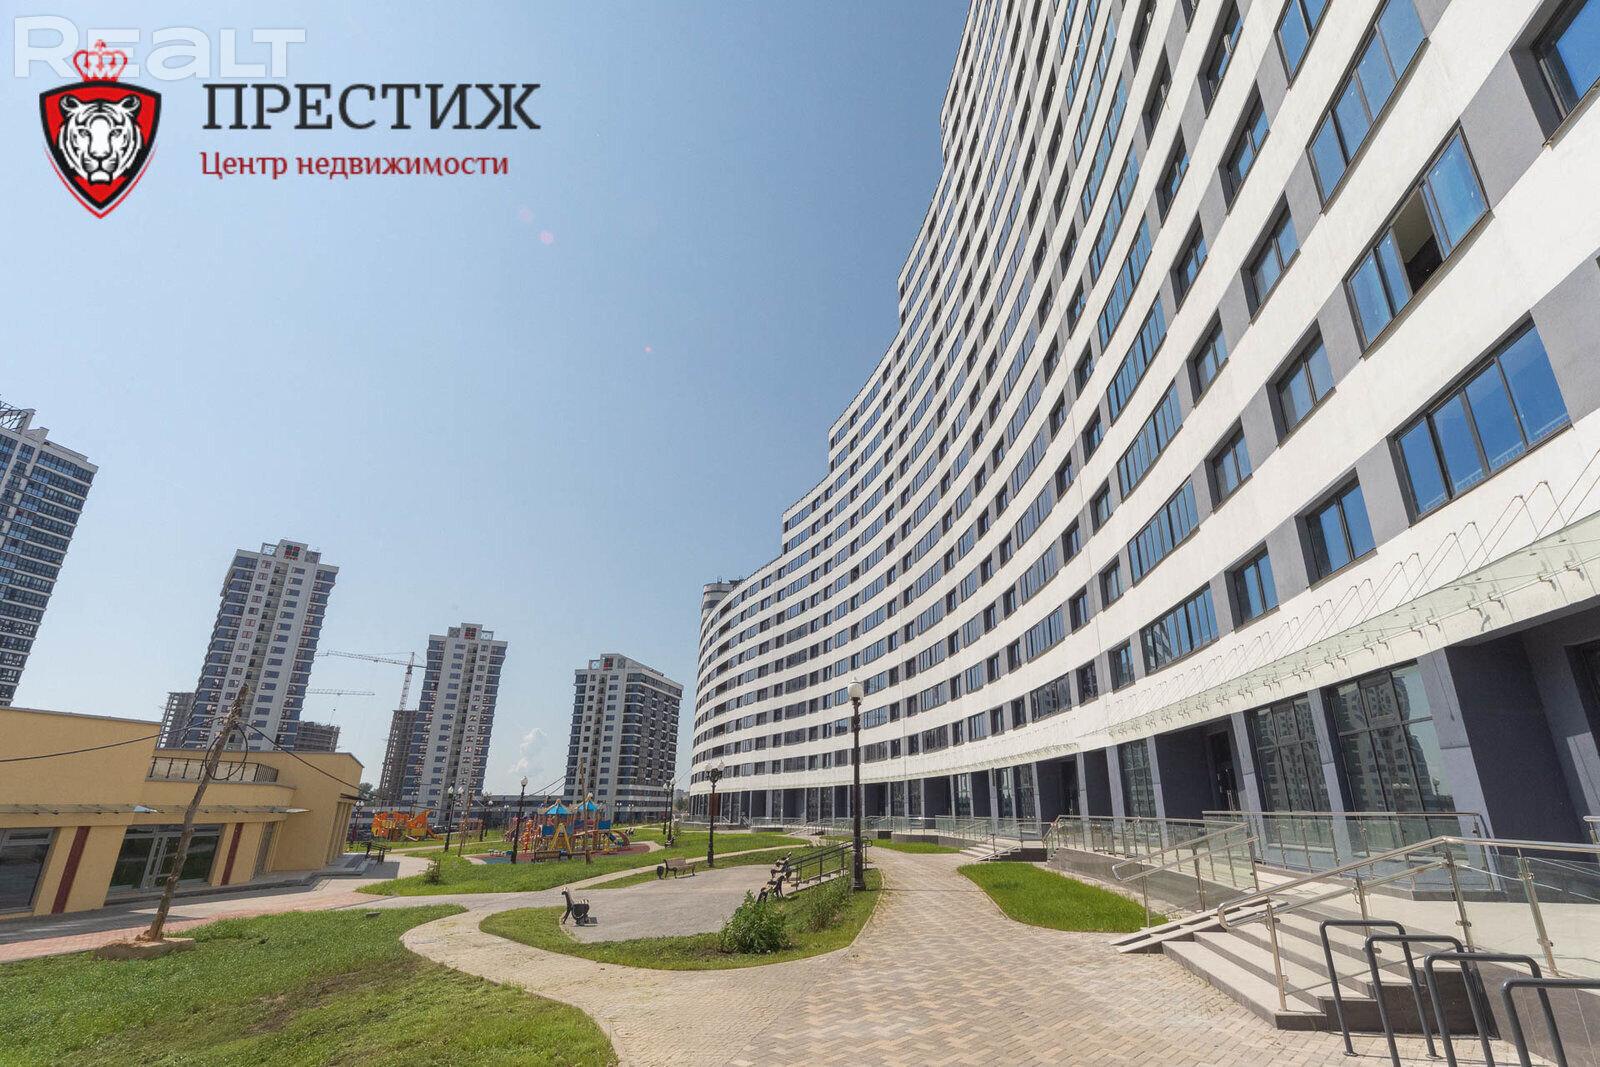 Продажа 3-х комнатной квартиры, г. Минск, просп. Мира, дом 1 (р-н Минск Мир (Minsk World))